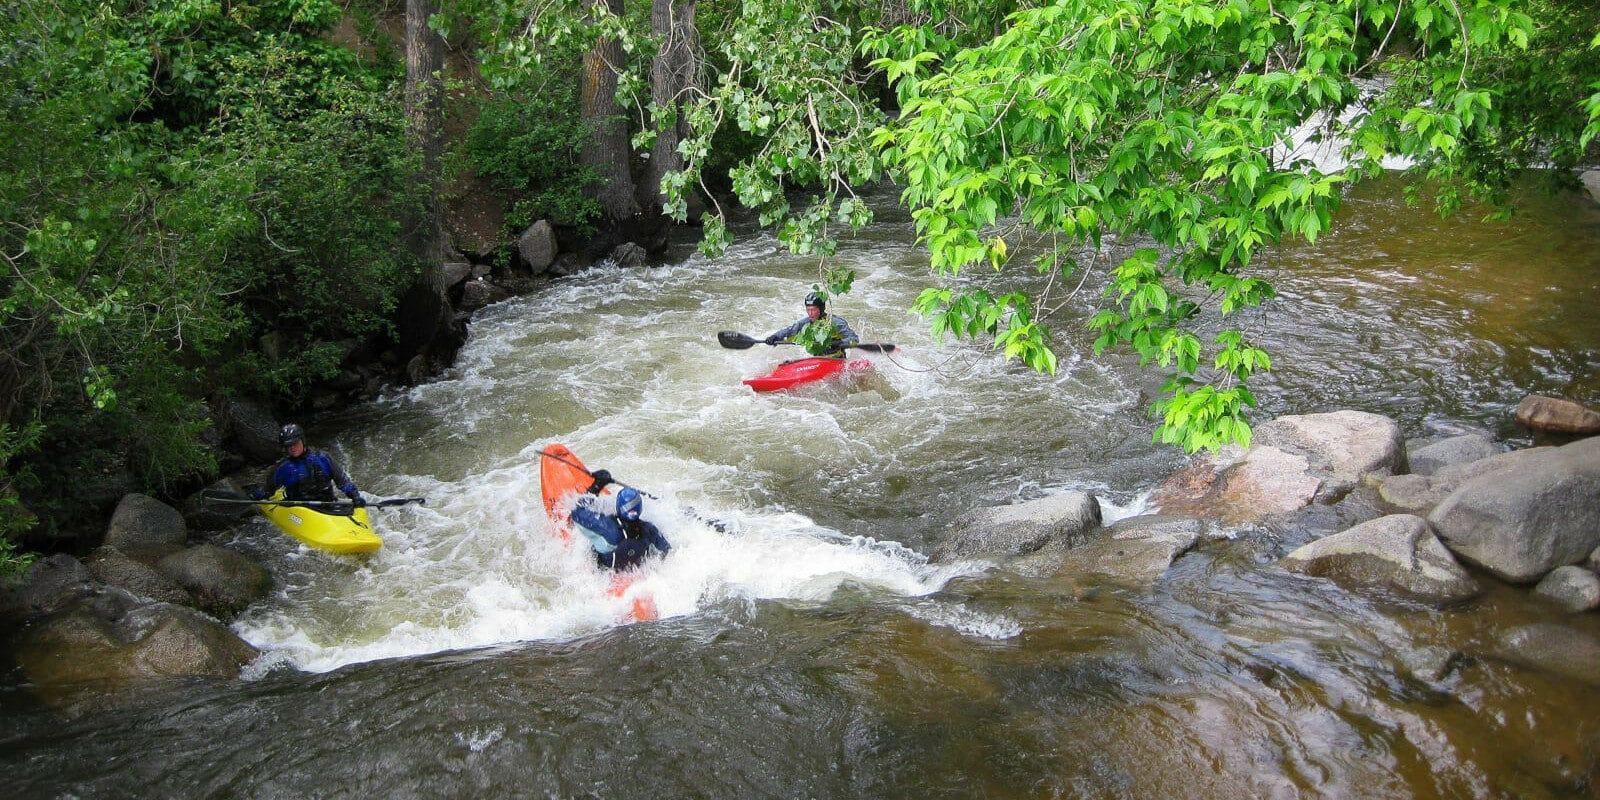 Image of people kayaking